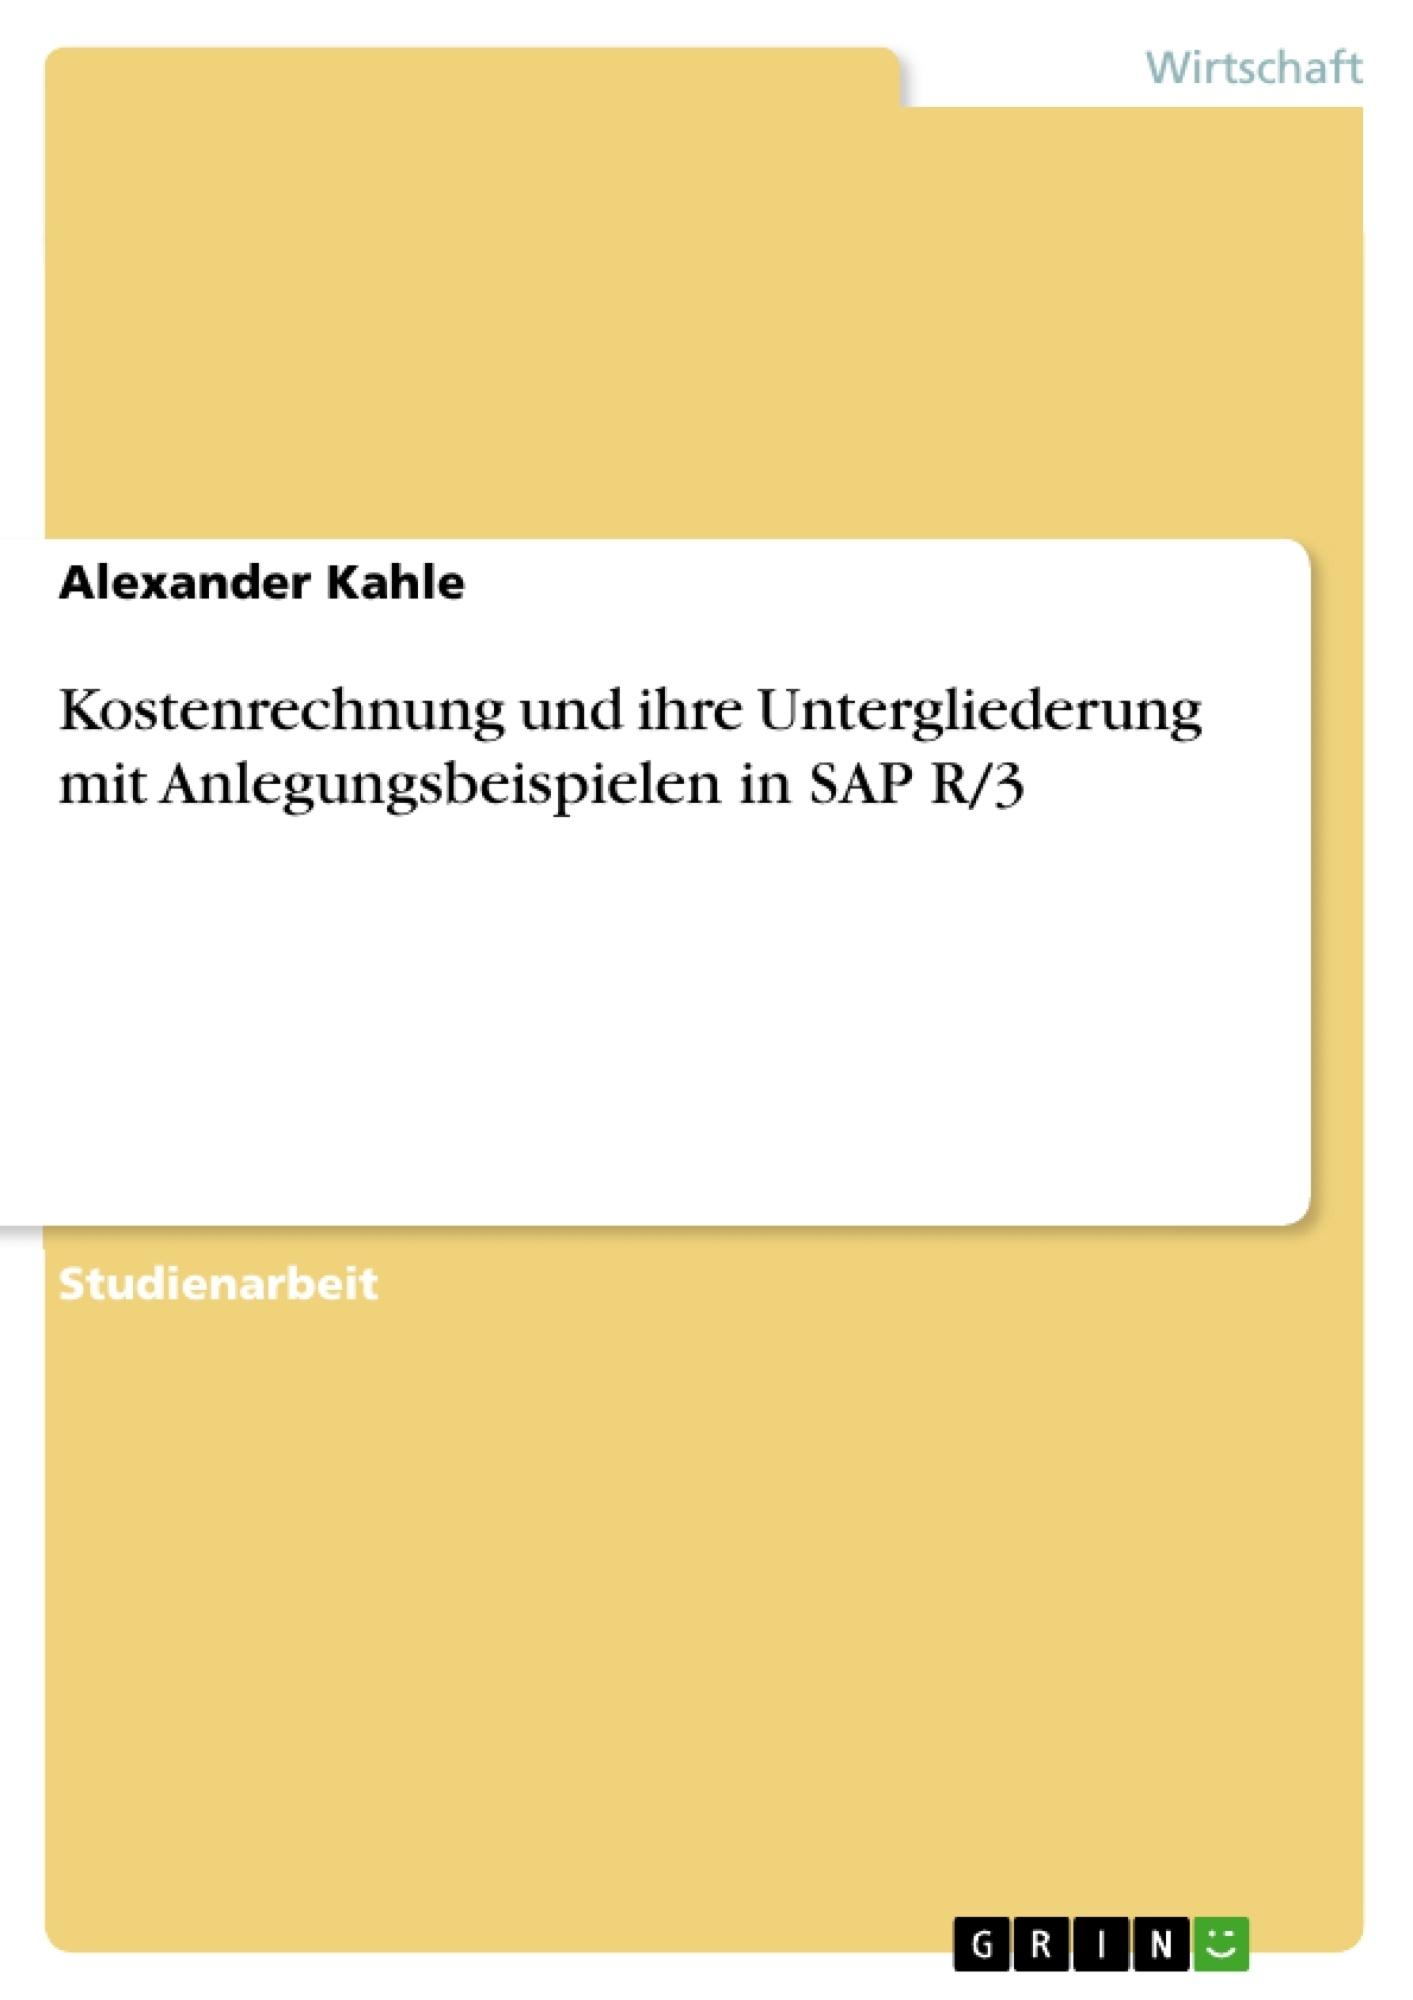 Titel: Kostenrechnung und ihre Untergliederung mit Anlegungsbeispielen in SAP R/3